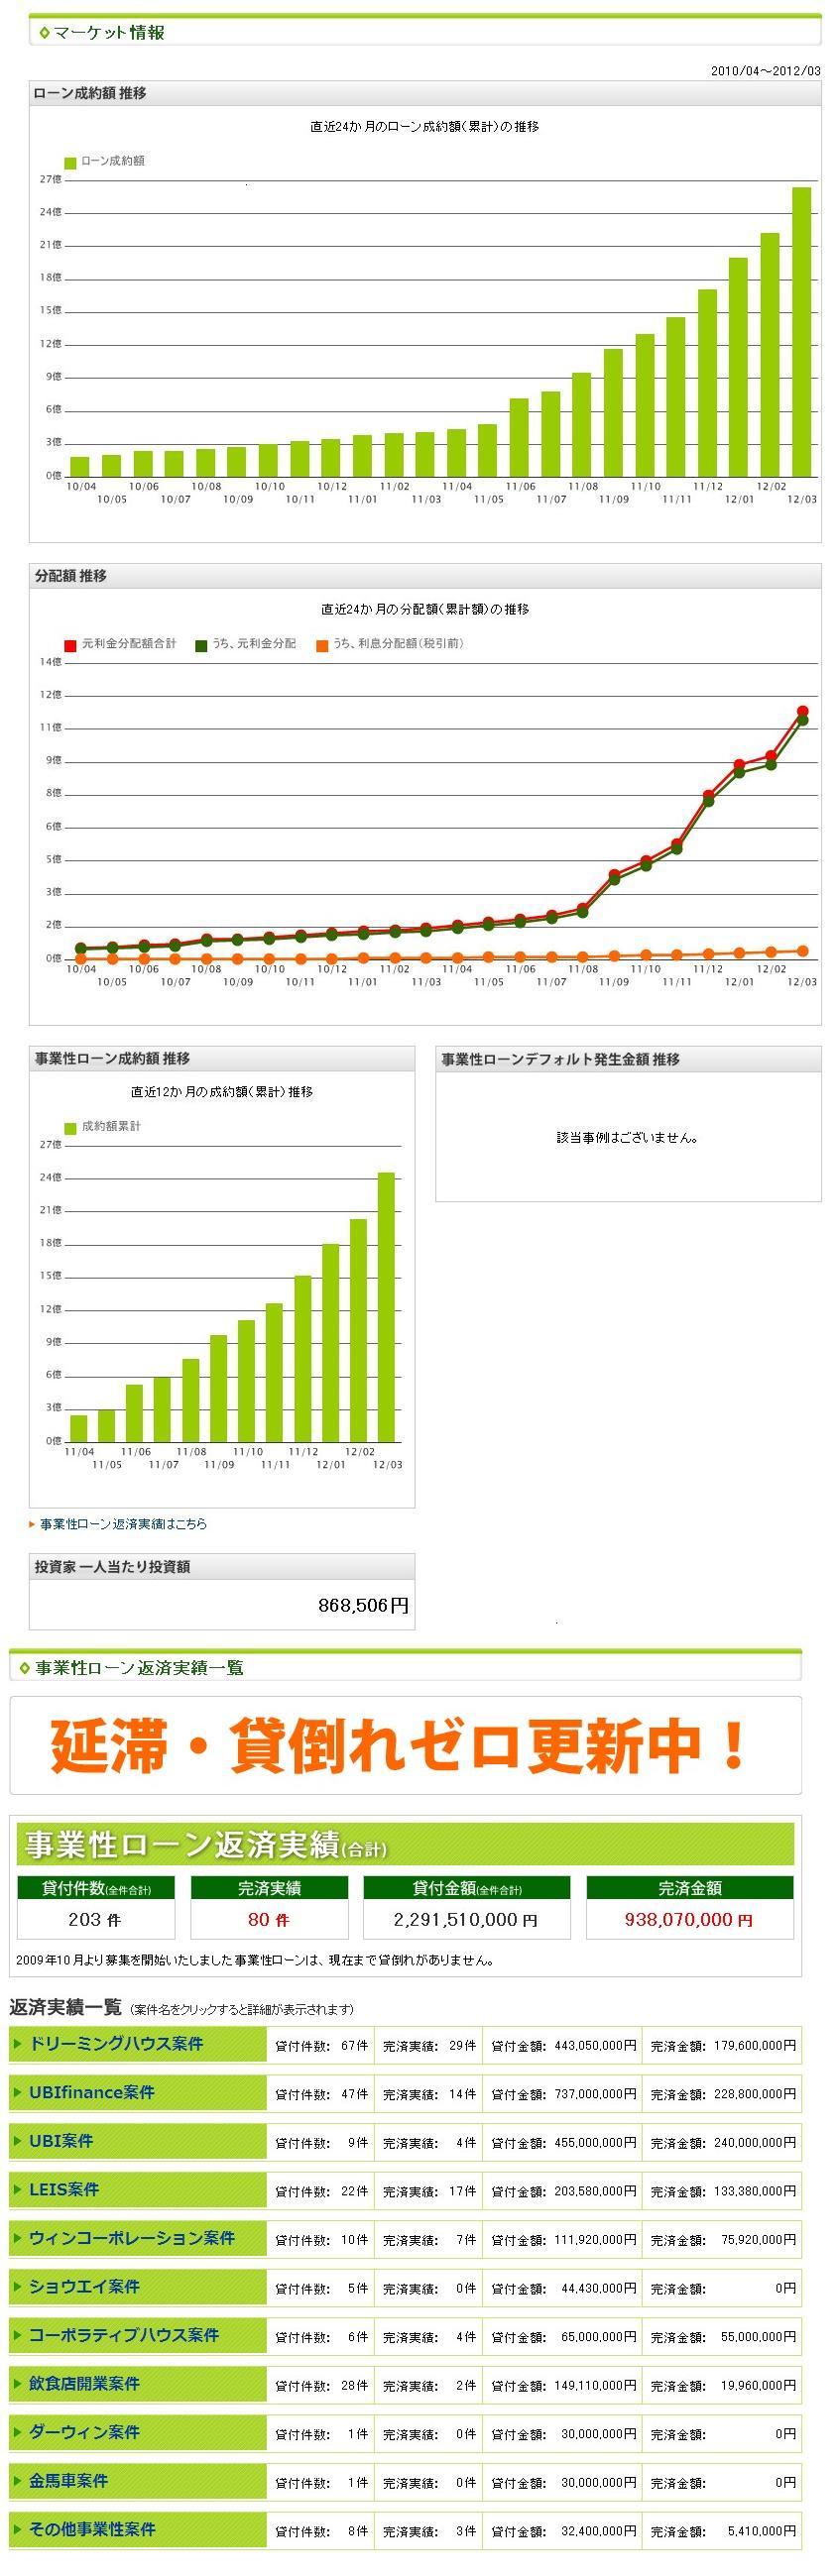 maneoマーケット情報201203